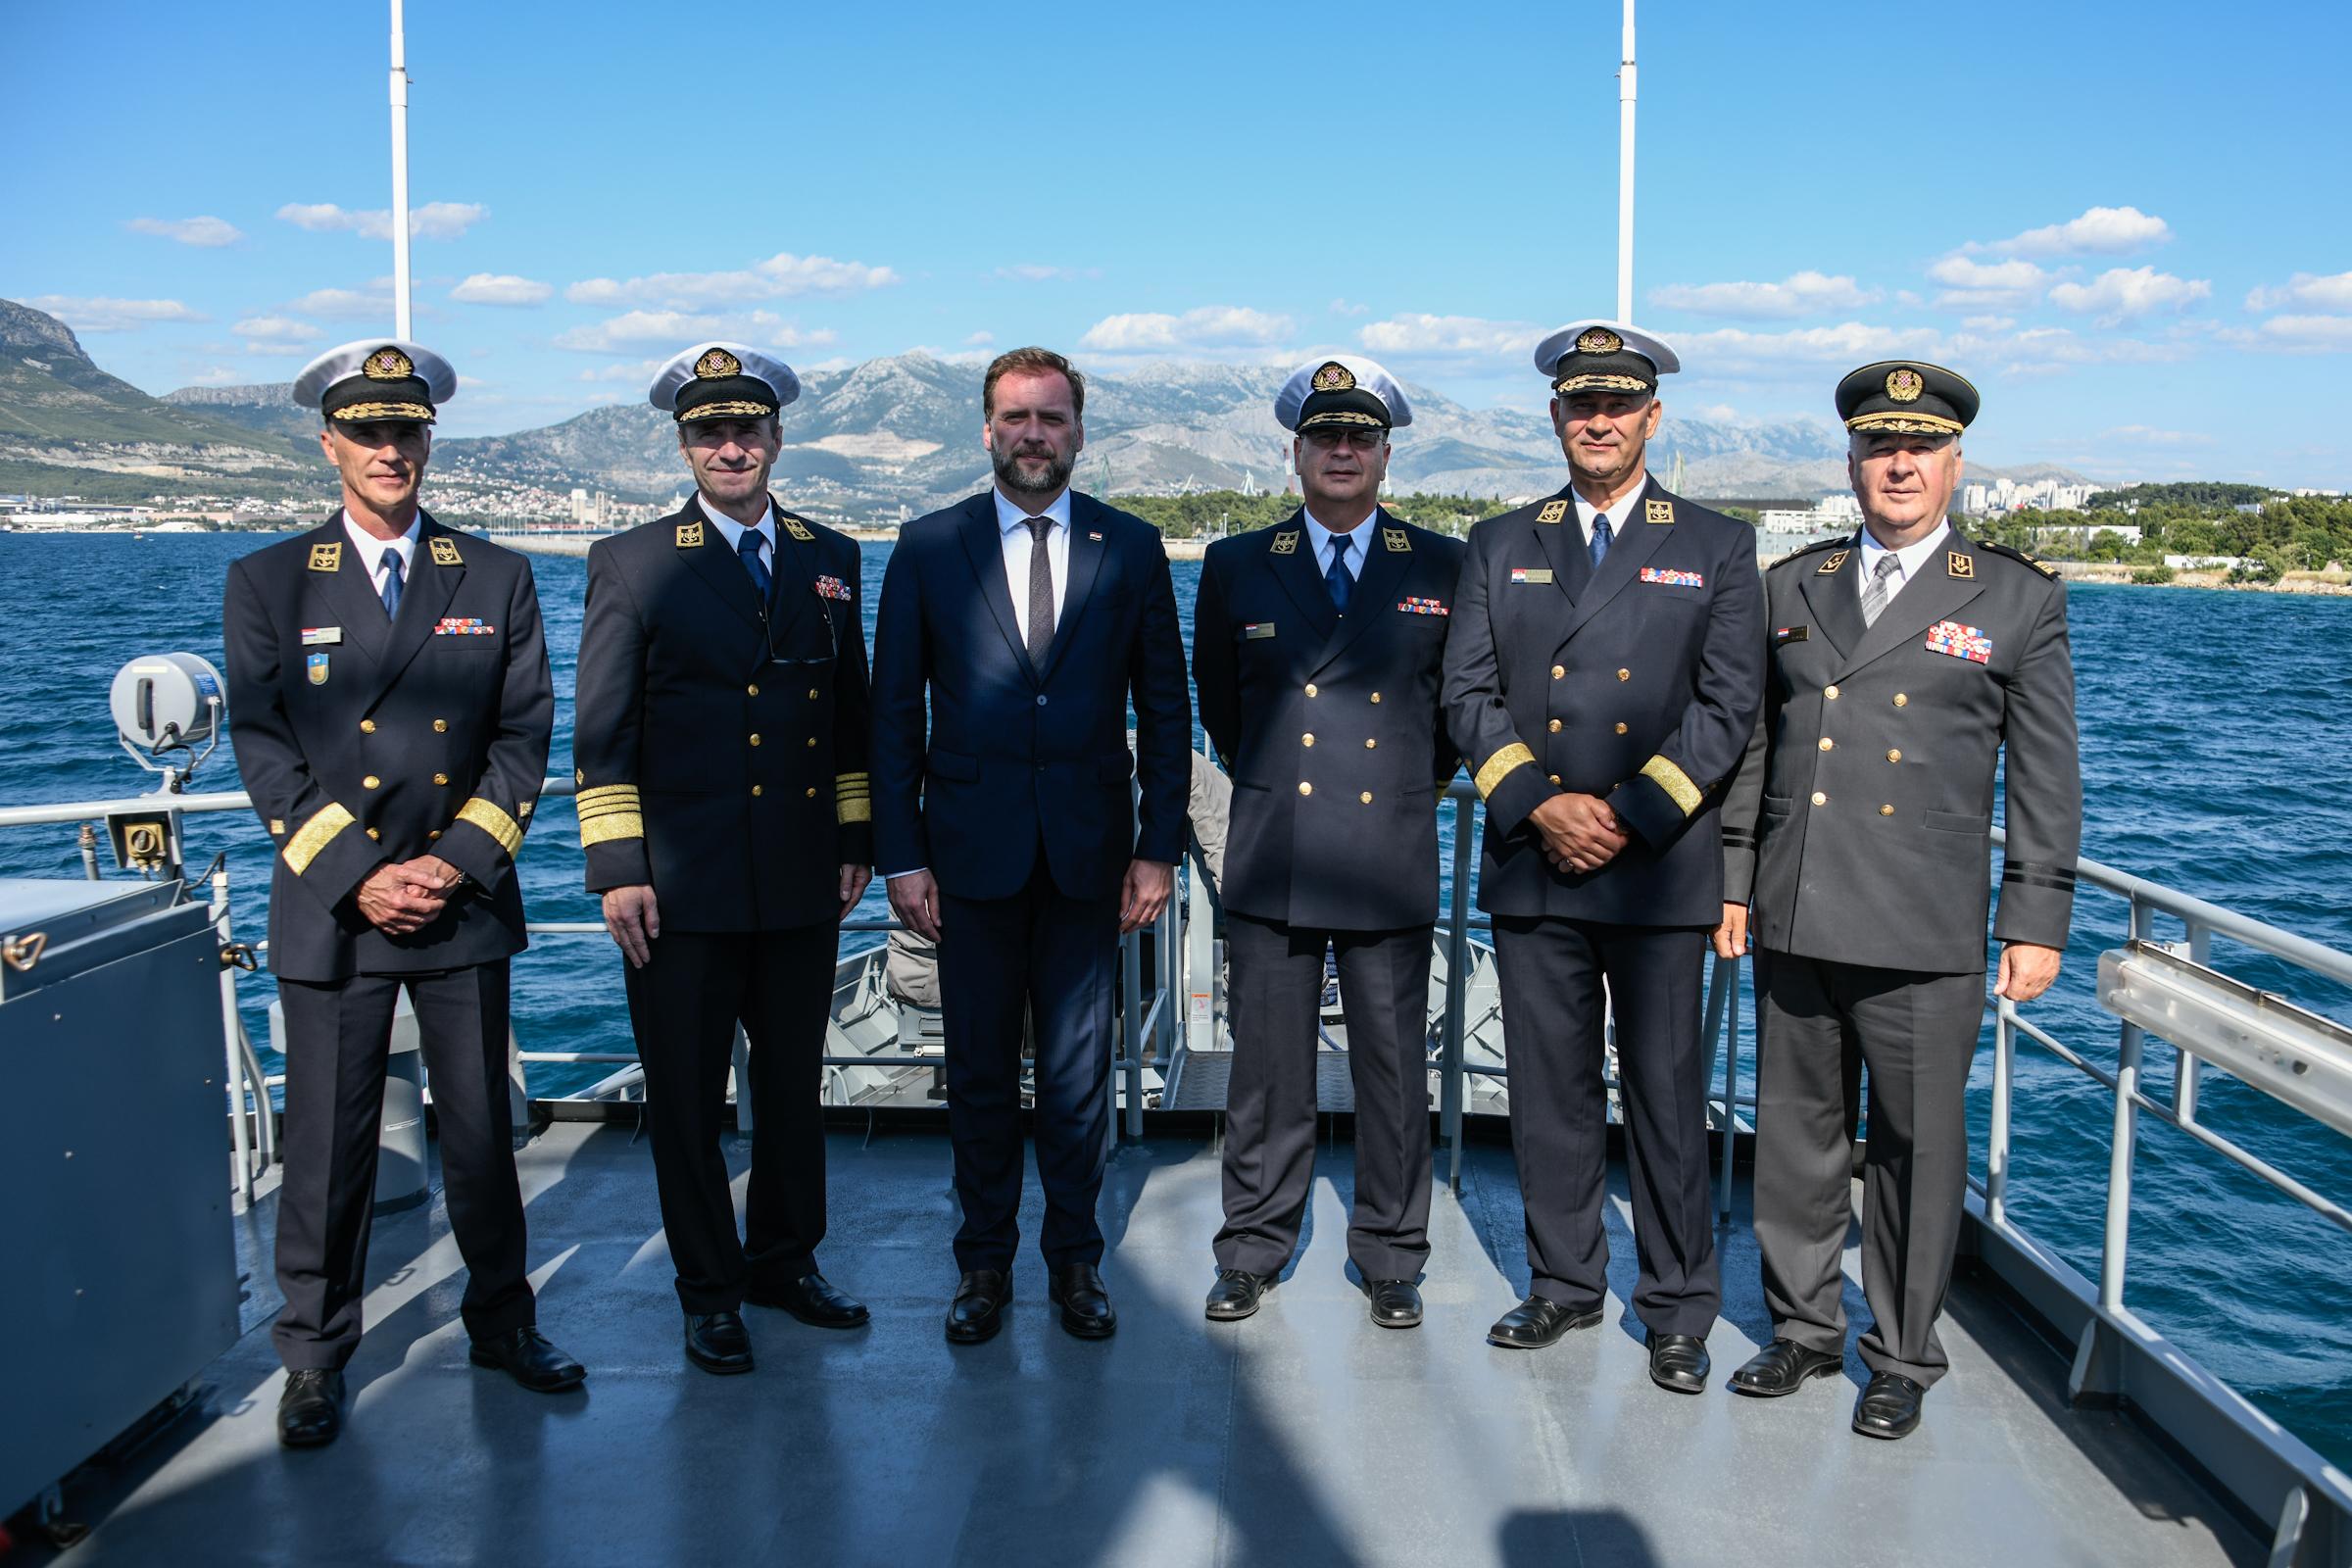 Radni posjet ministra obrane Banožića Hrvatskoj ratnoj mornarici